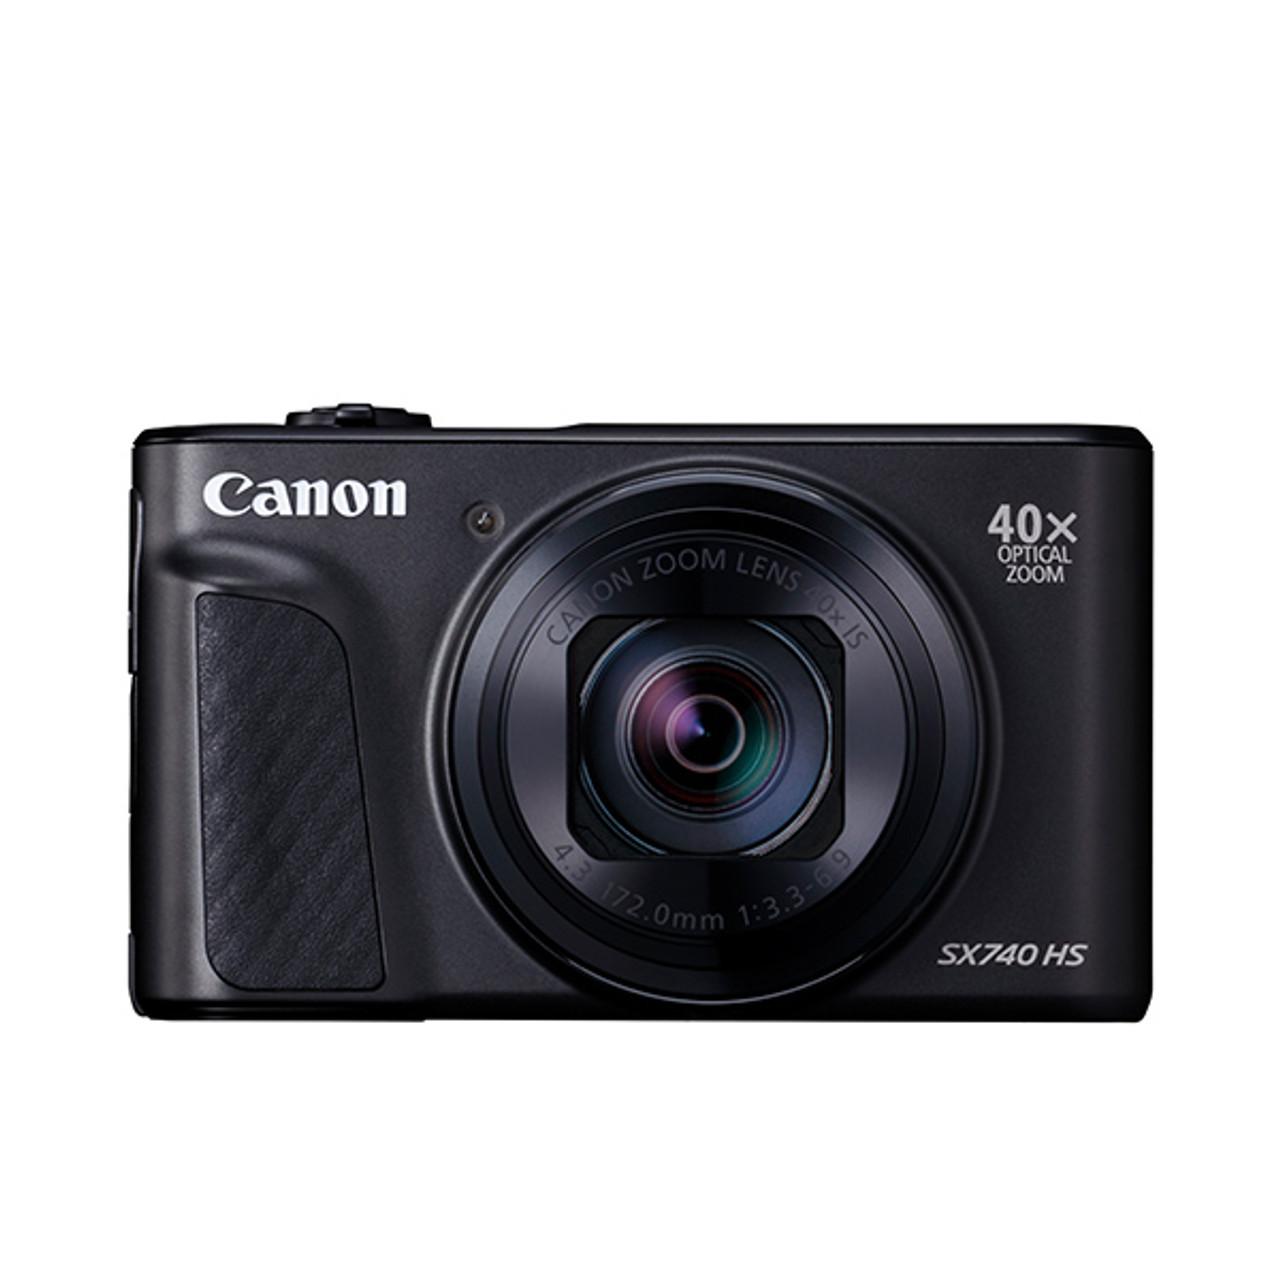 Canon Powershot SX740HS with Case Black